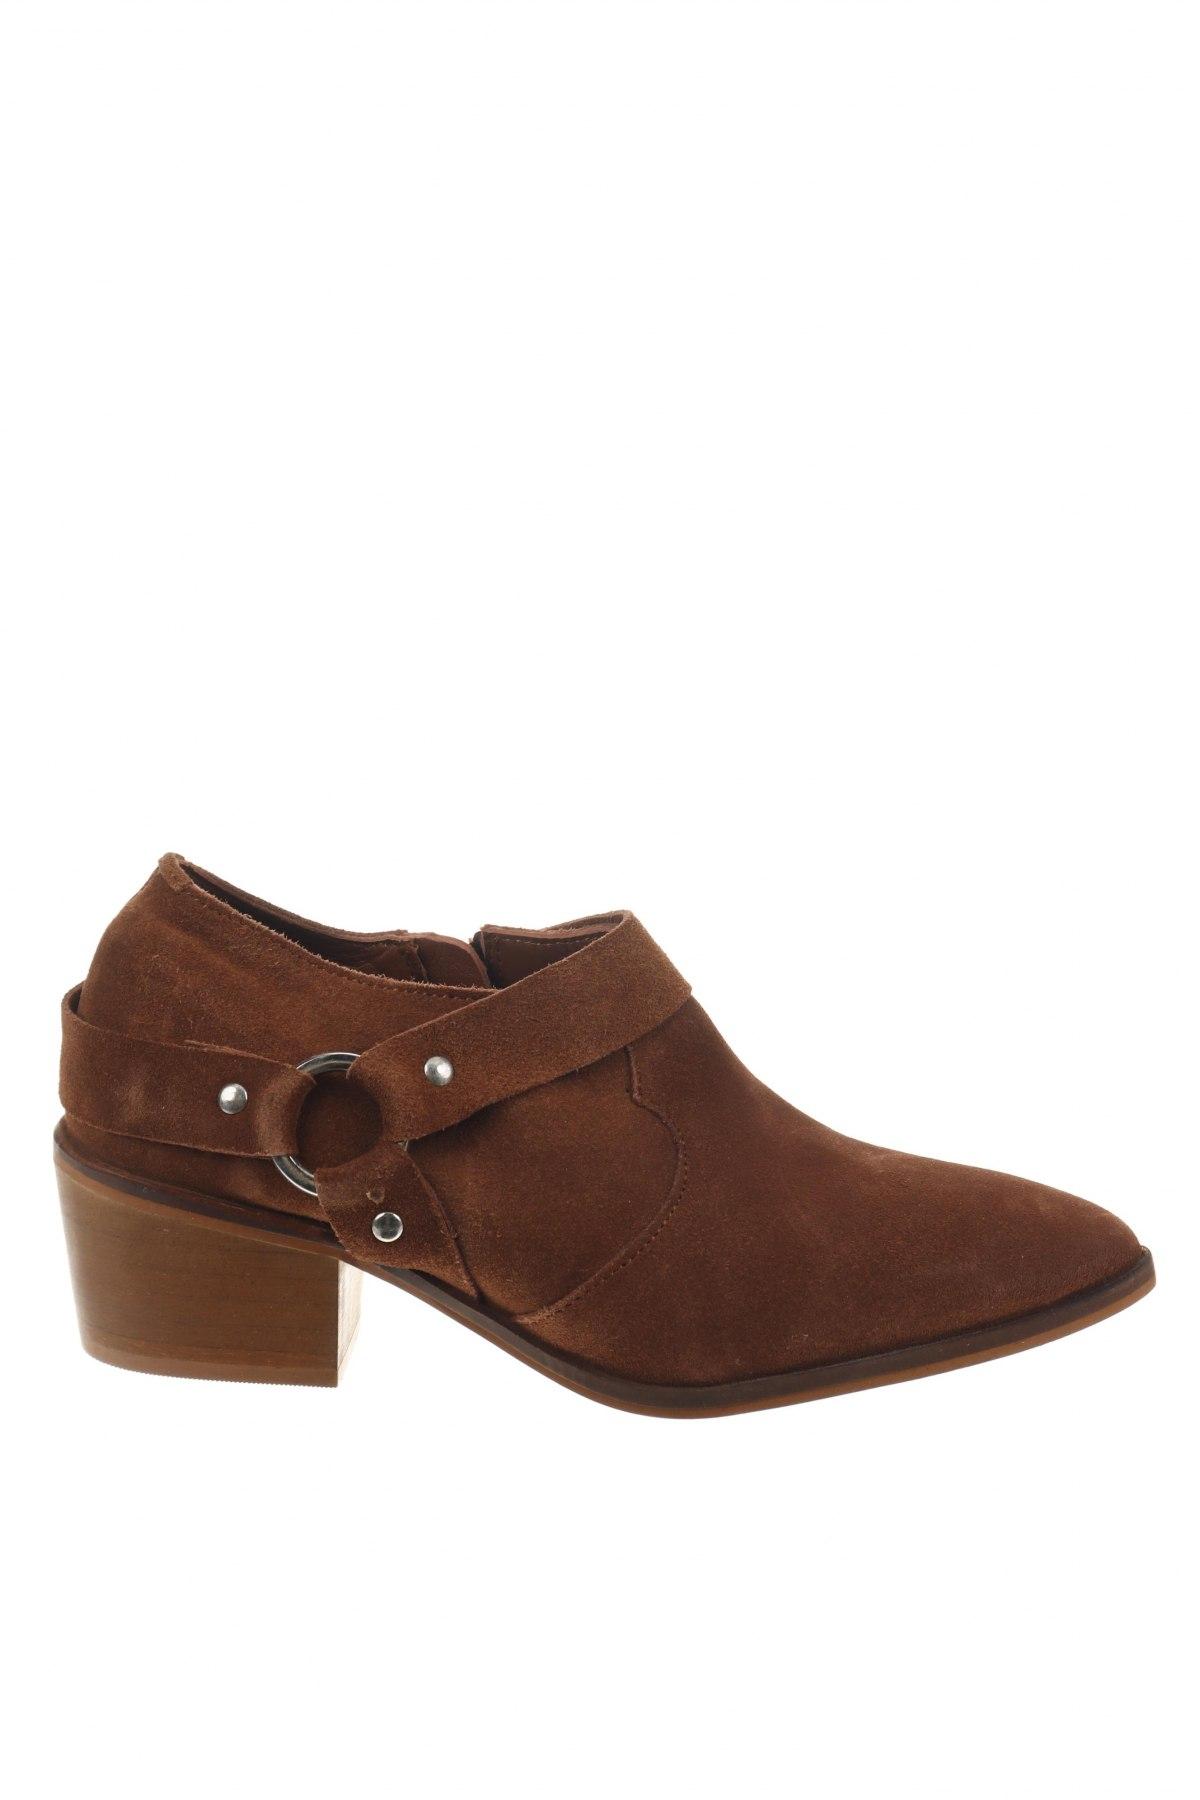 Γυναικεία παπούτσια Reserved, Μέγεθος 37, Χρώμα Καφέ, Φυσικό σουέτ, Τιμή 12,85€